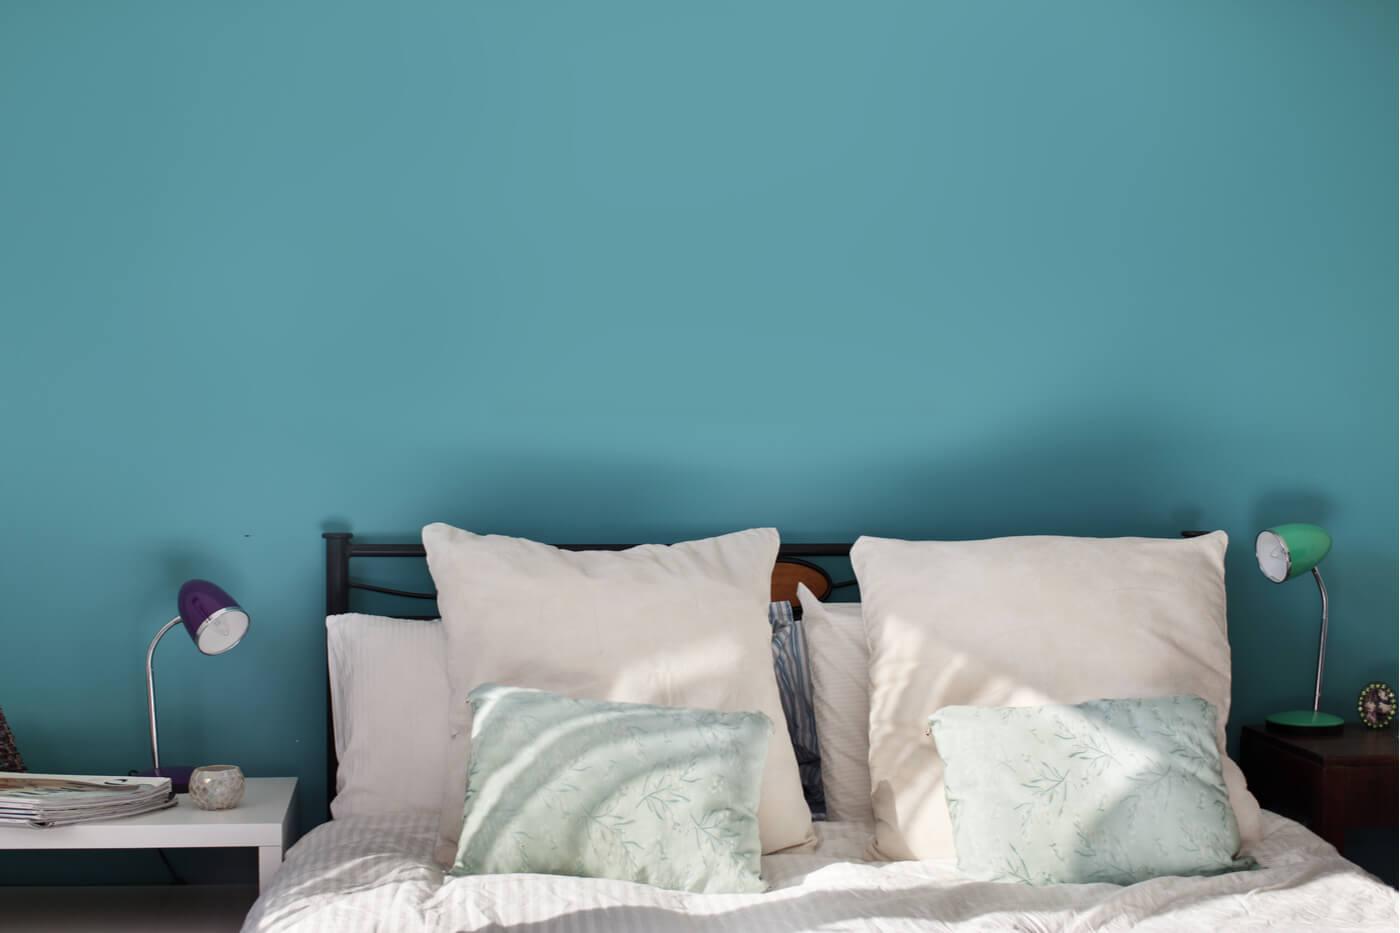 La aplicación del azul verdoso en los interiores